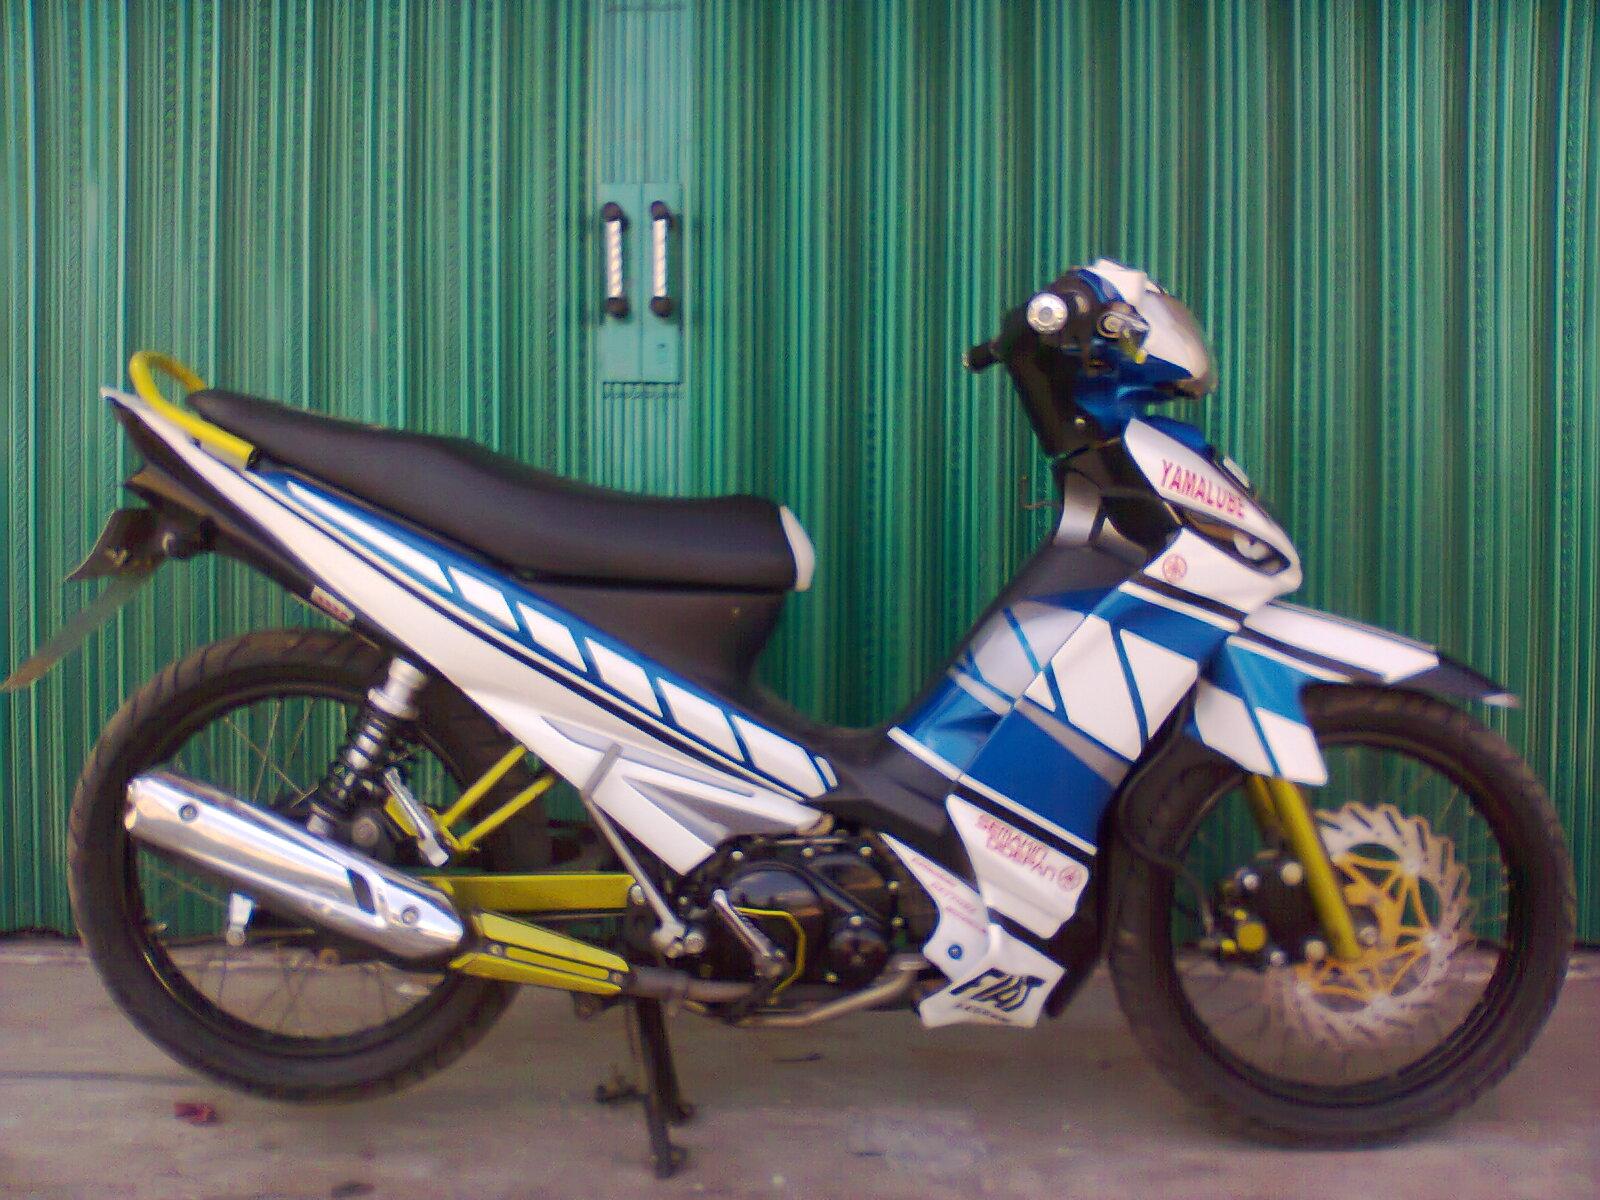 Variasi Stiker Motor Vega Zr terpopuler